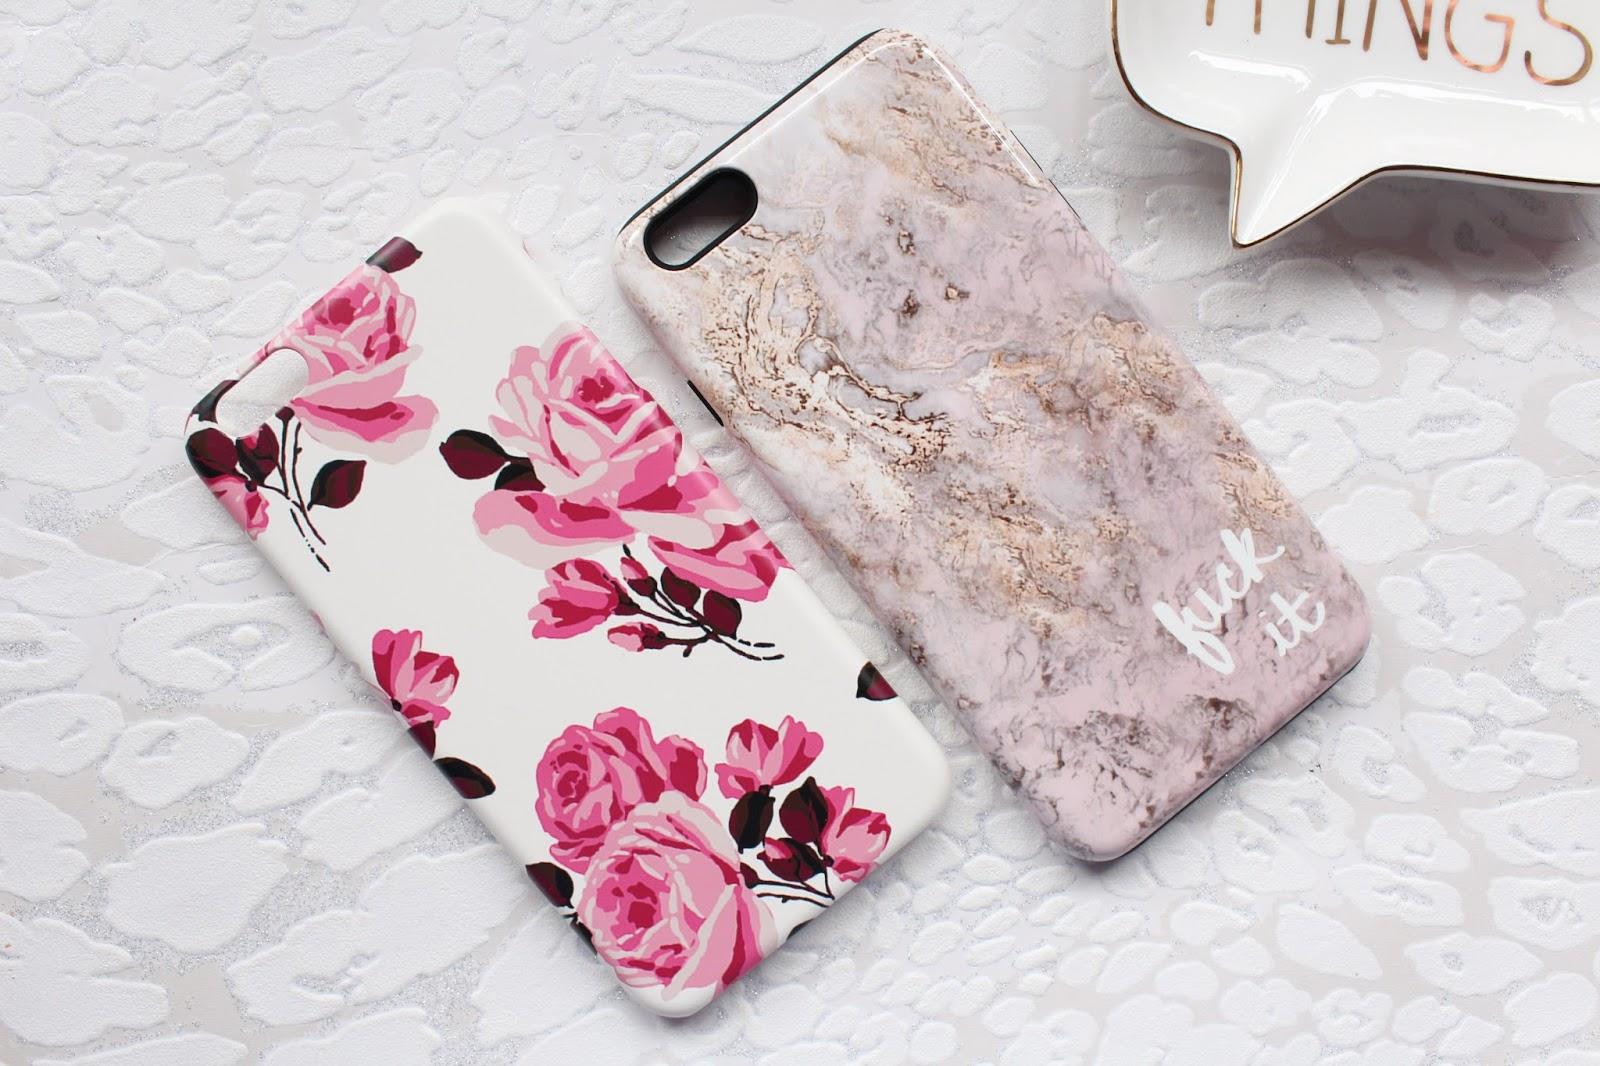 CaseApp Custom iPhone Cases